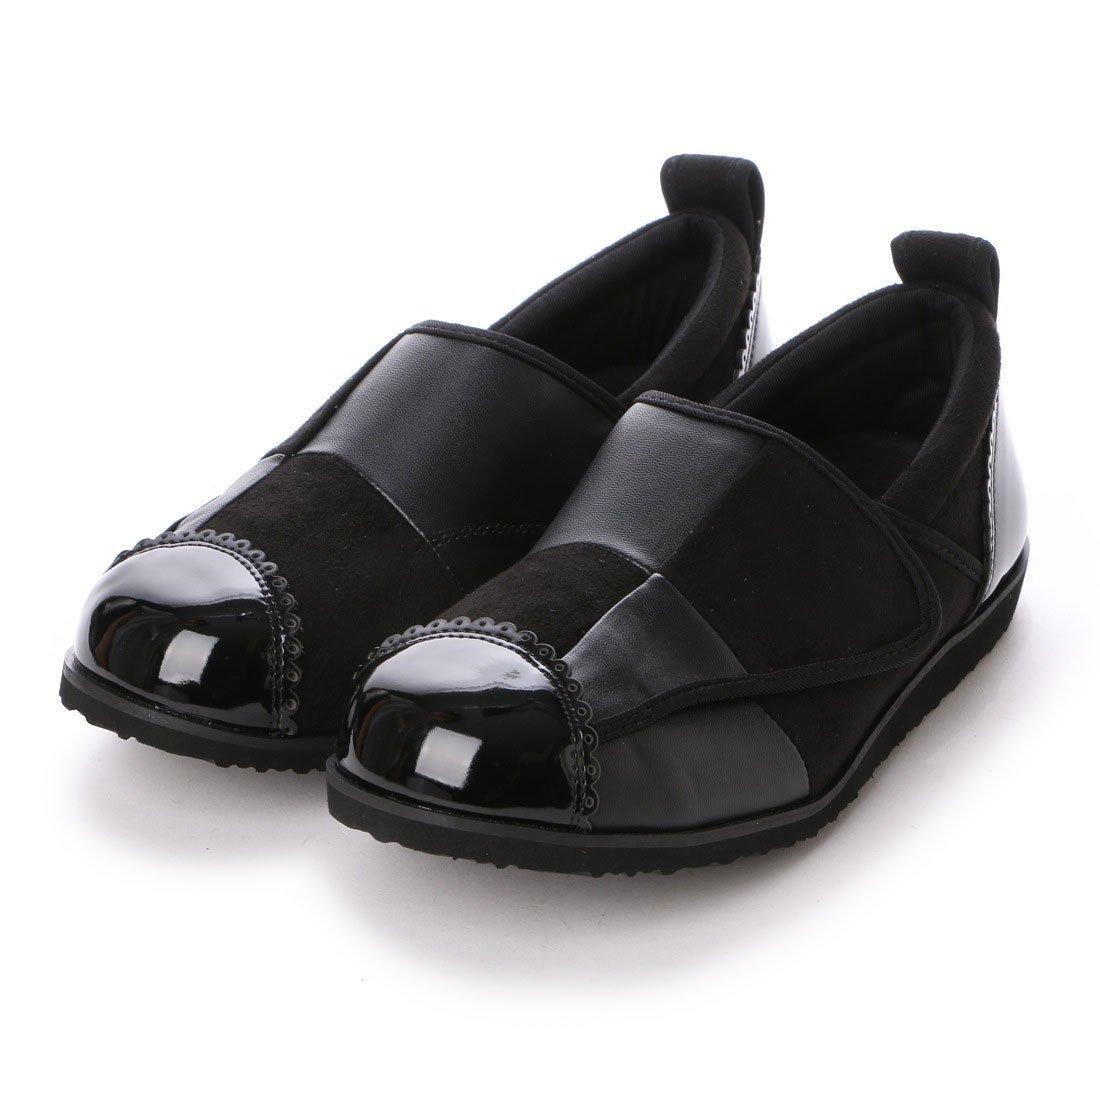 パネルデザインが足を立体的に包み込みます。(クラース)カノン 婦人靴 ウェルネスシューズ コンフォートシューズ B01N34UN59 S(22cm~23cm)|ブラック ブラック S(22cm~23cm)